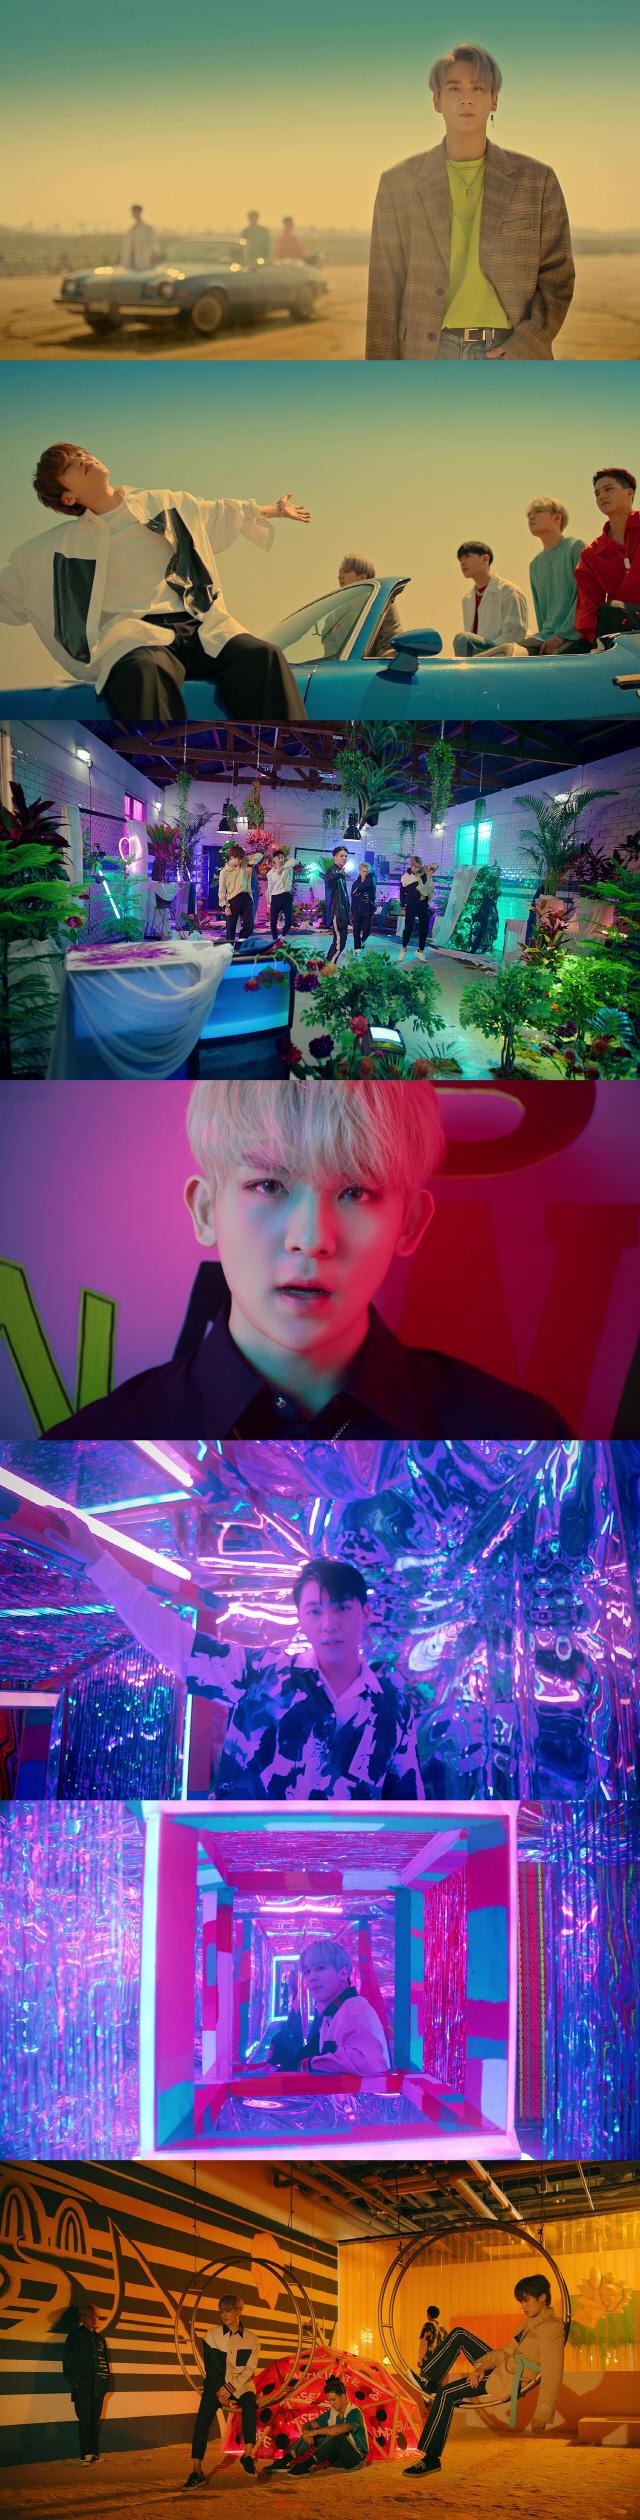 틴탑, 'Run Away' 뮤직비디오 공개..어른 섹시의 재해석